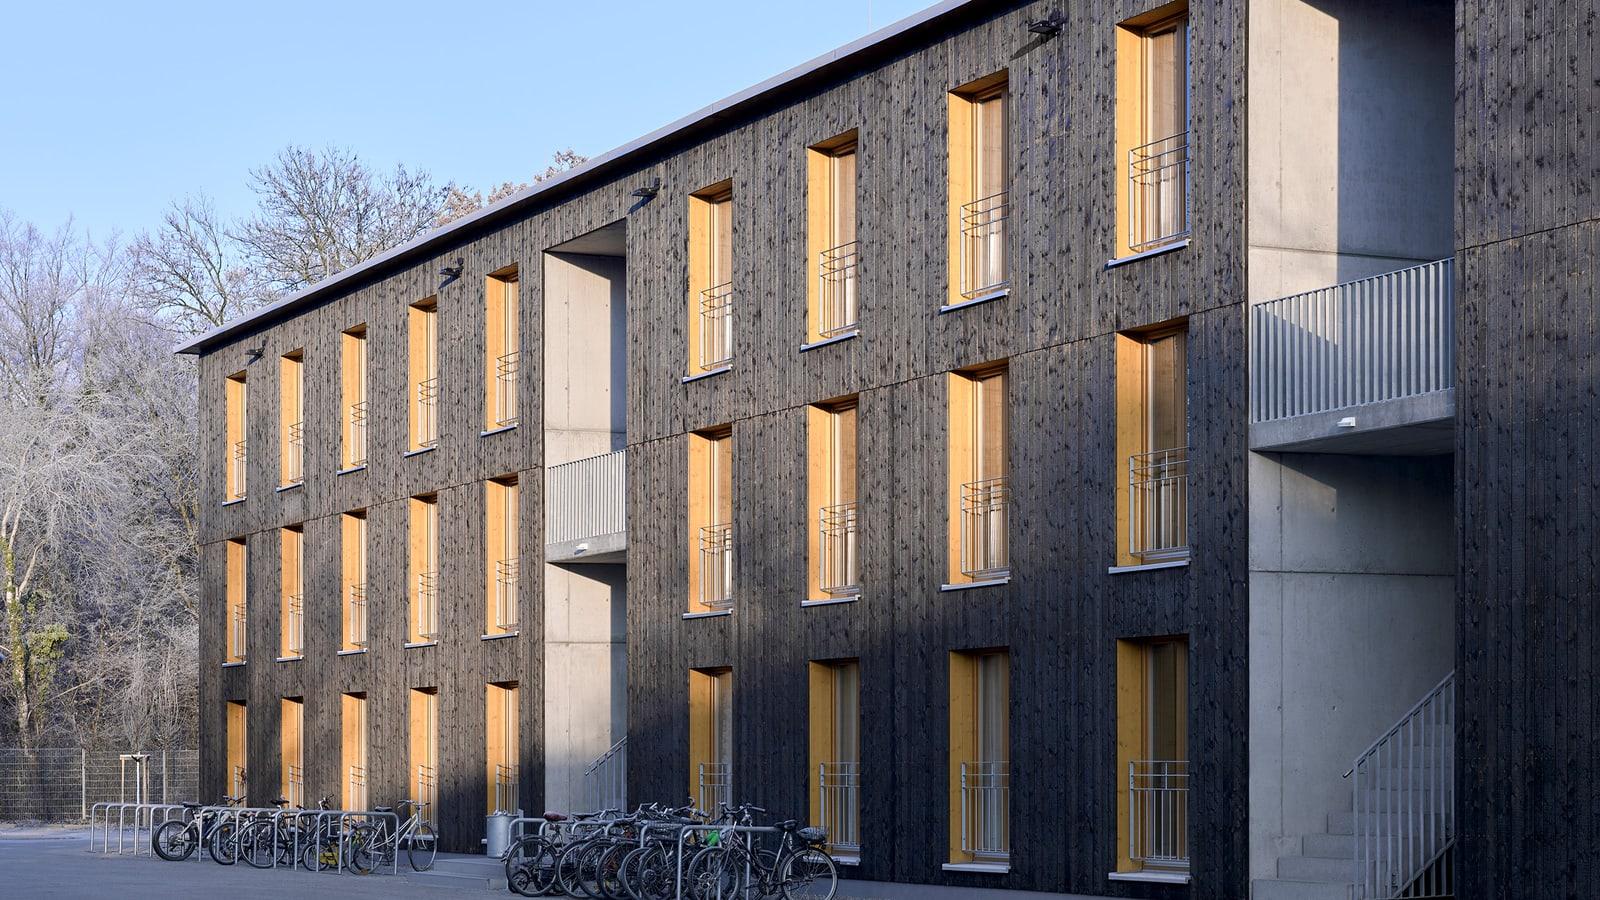 Stocker Dewes Architekten BDA – Wohnheim für wohnungslose Familien, Freiburg im Breisgau